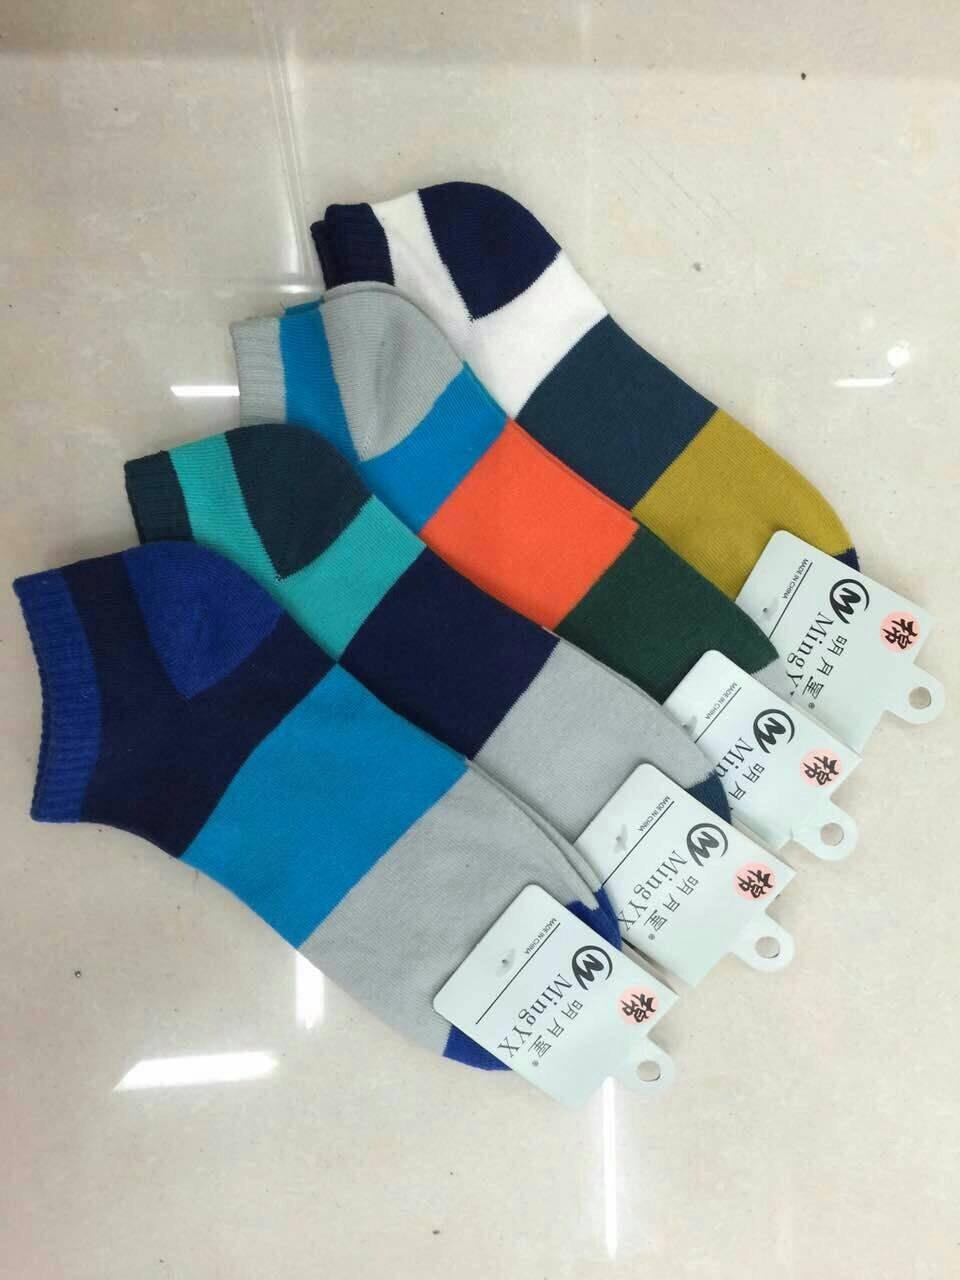 S569 **พร้อมส่ง** (ปลีก+ส่ง) ถุงเท้าแฟชั่น ข้อตาตุ่ม คละ 5 สี เนื้อดี งานนำเข้า มี 10 คู่ต่อแพ็ค